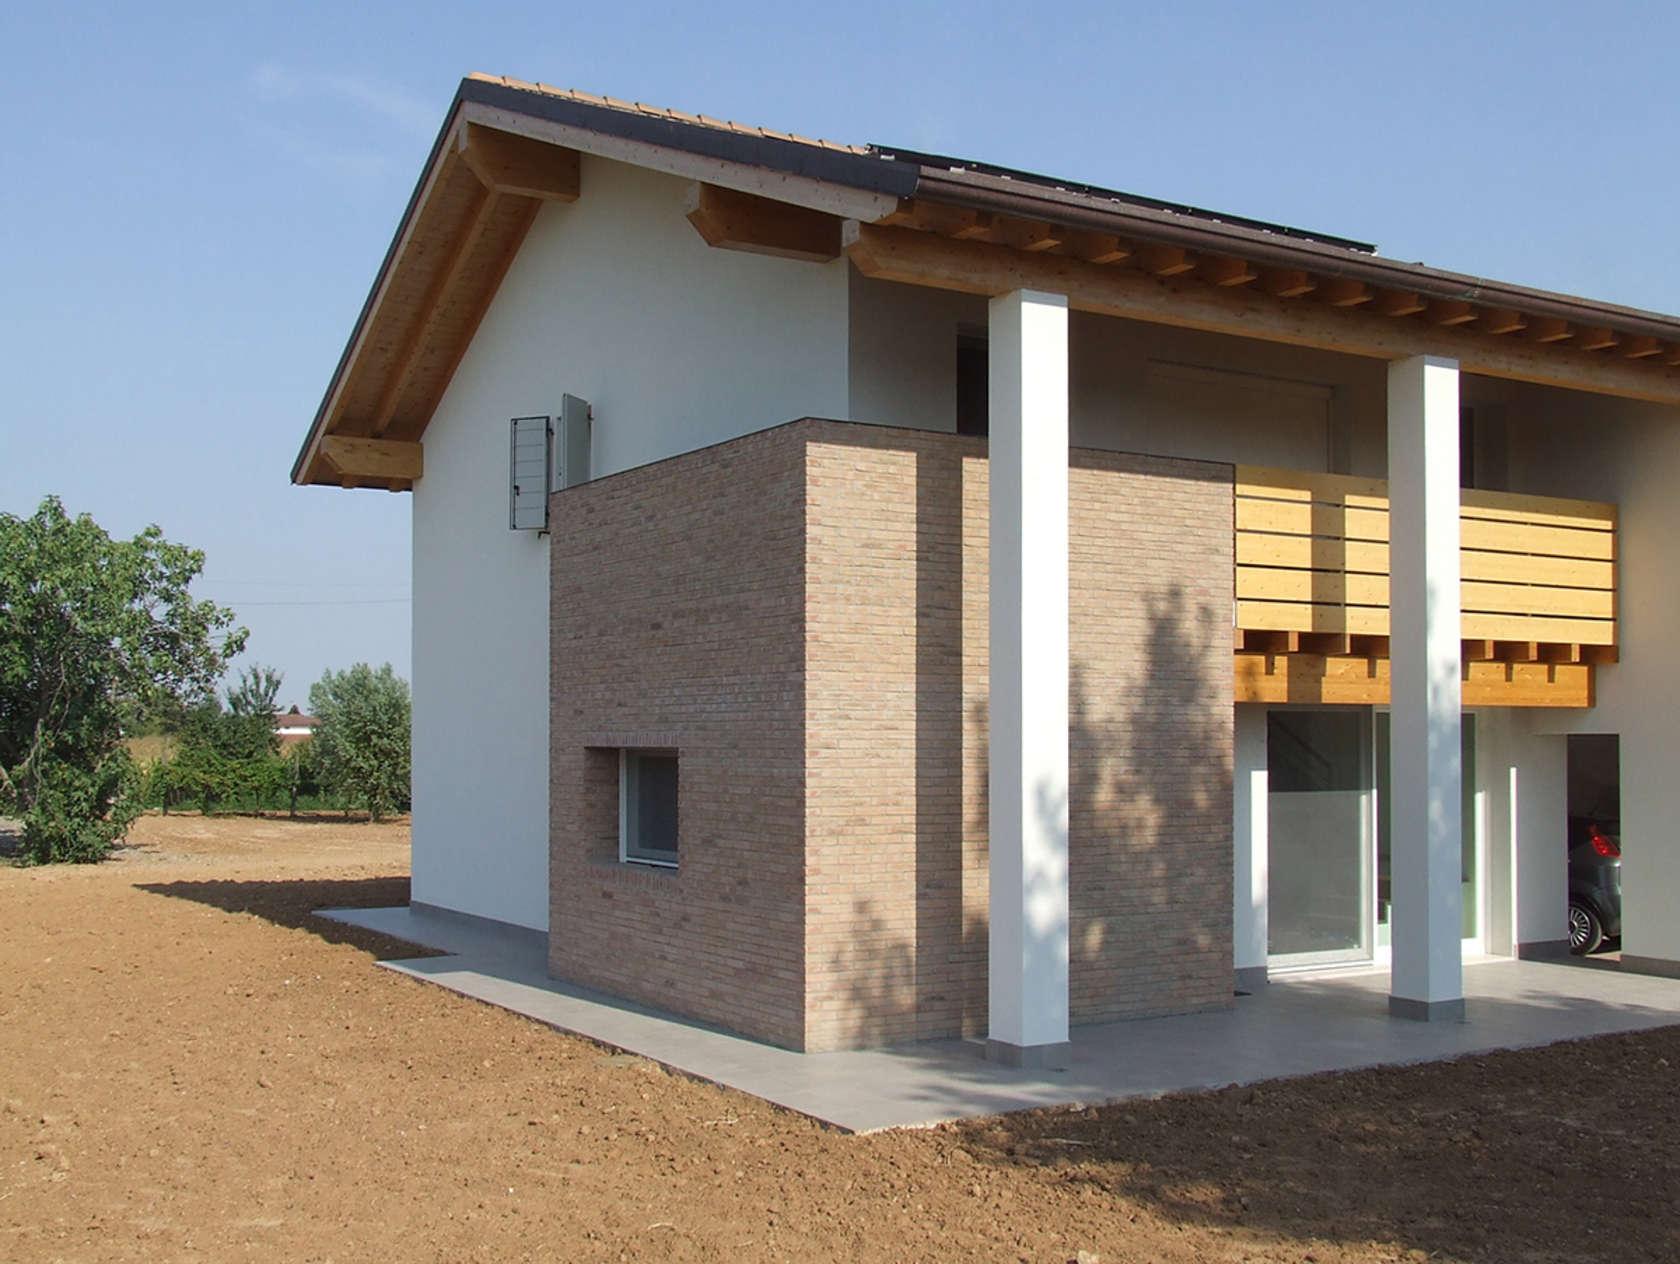 Colore esterno casa colore casa esterno grigio idee di for Colori per esterni villette